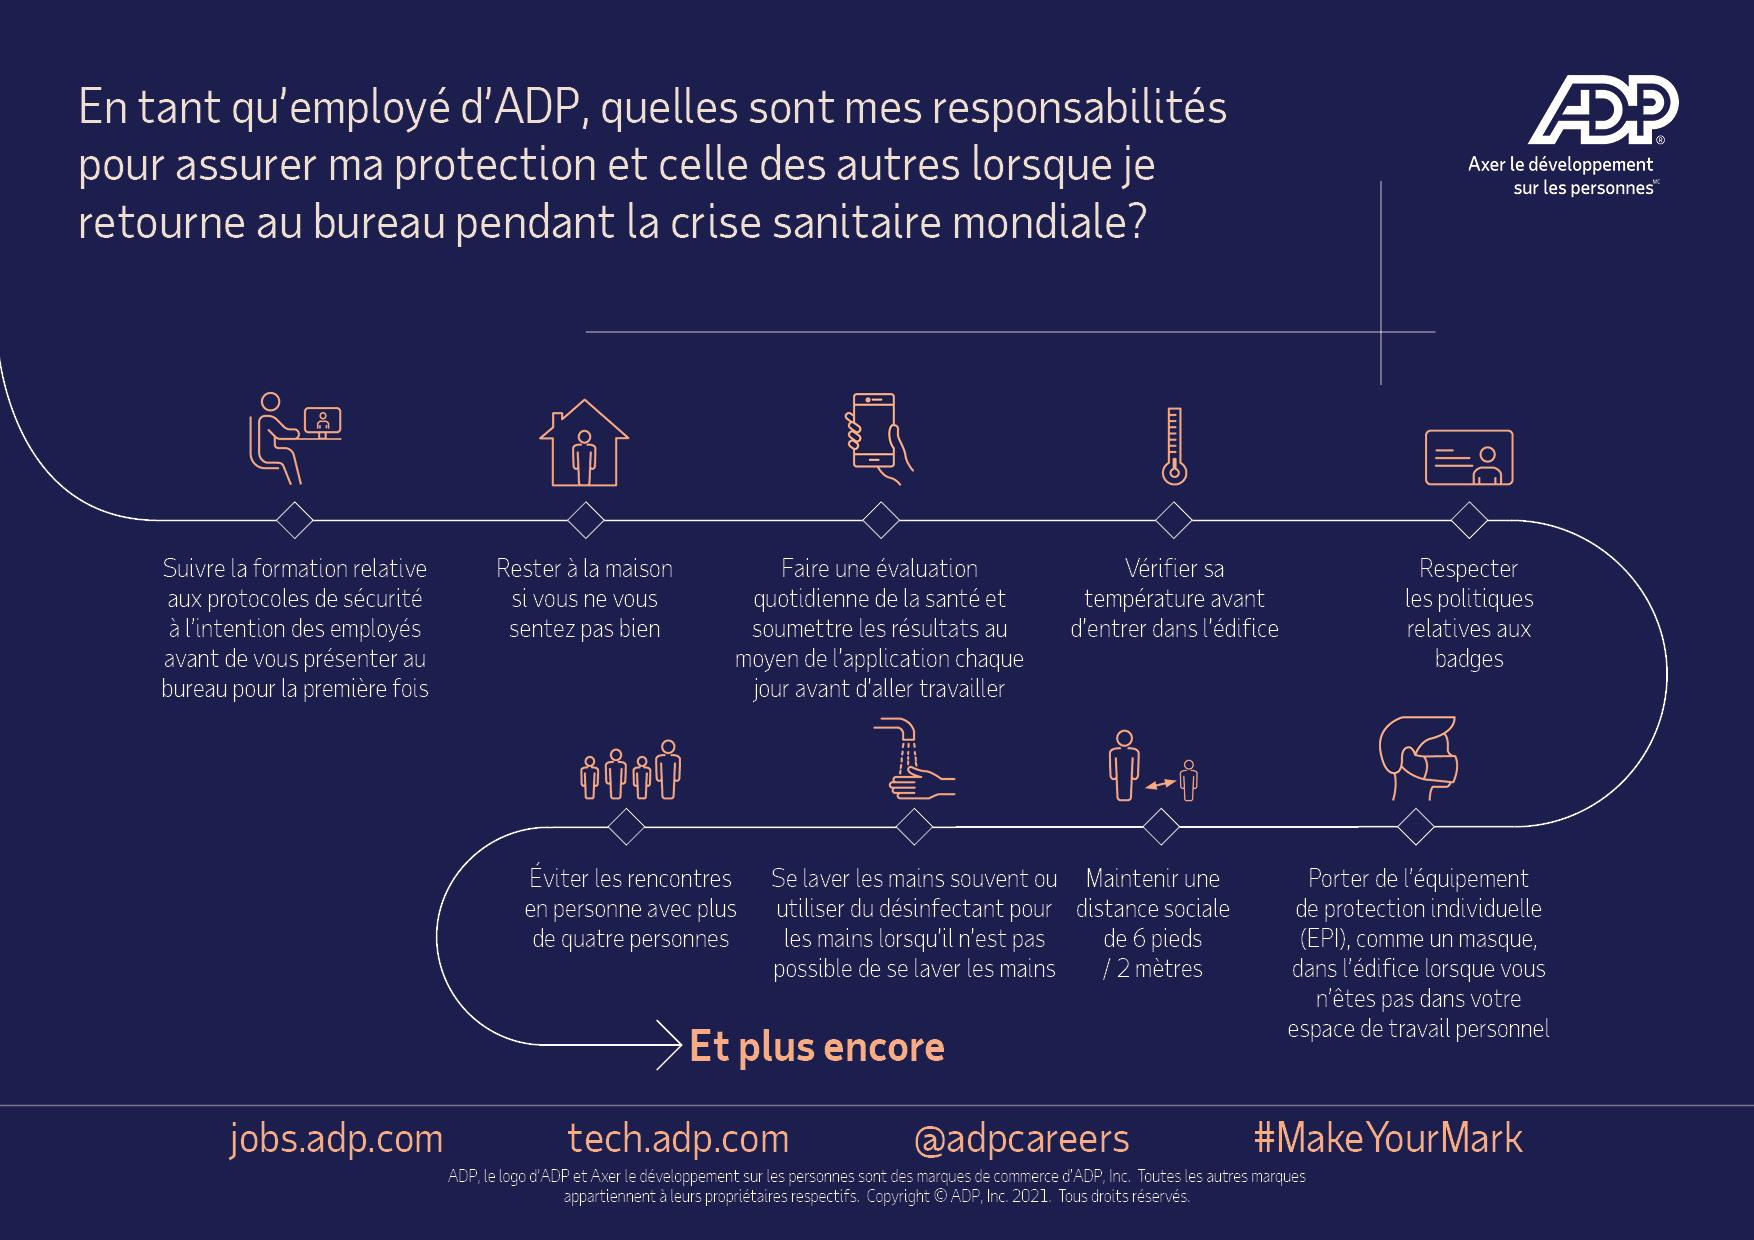 Graphical representation of the above content: En tant qu'employé d'ADP, quelles sont mes responsabilités pour assurer ma protection et celle des autres lorsque je commence à travailler au bureau?